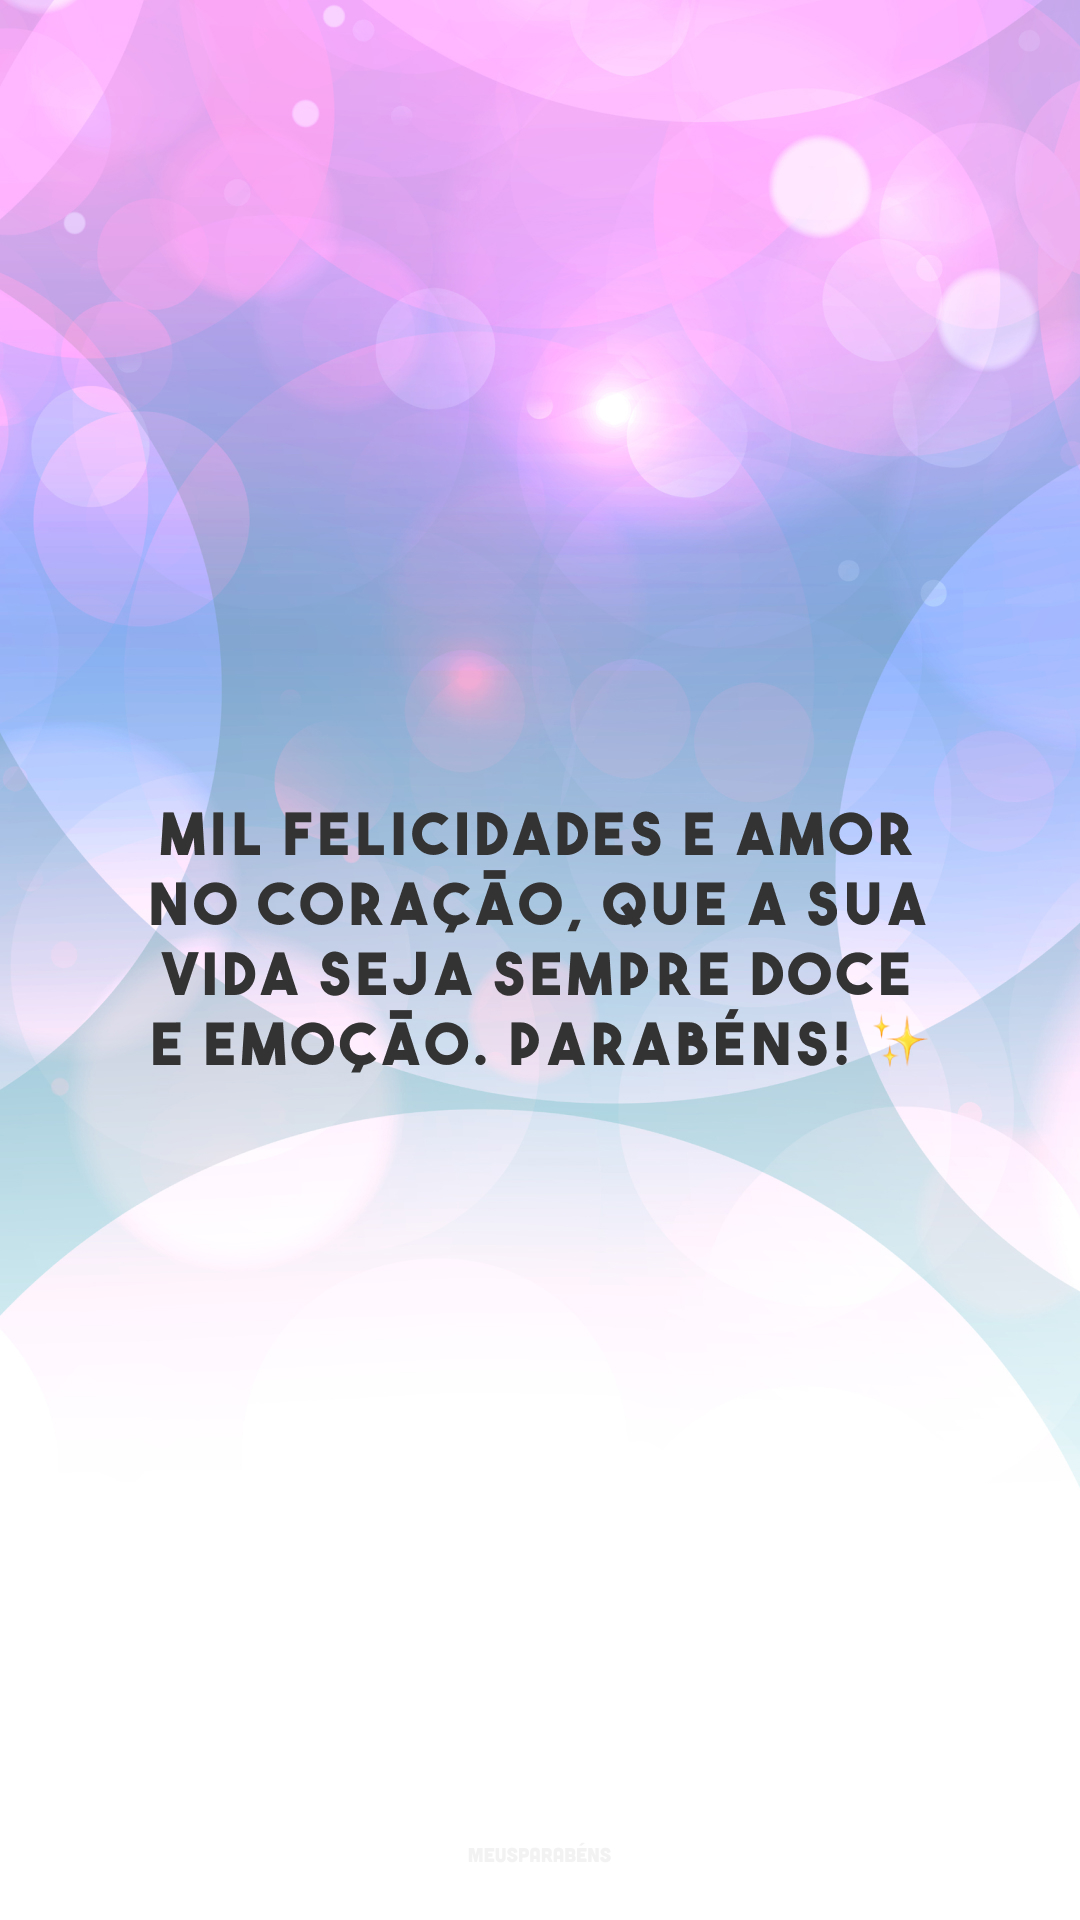 Mil felicidades e amor no coração, que a sua vida seja sempre doce e emoção. Parabéns! ✨